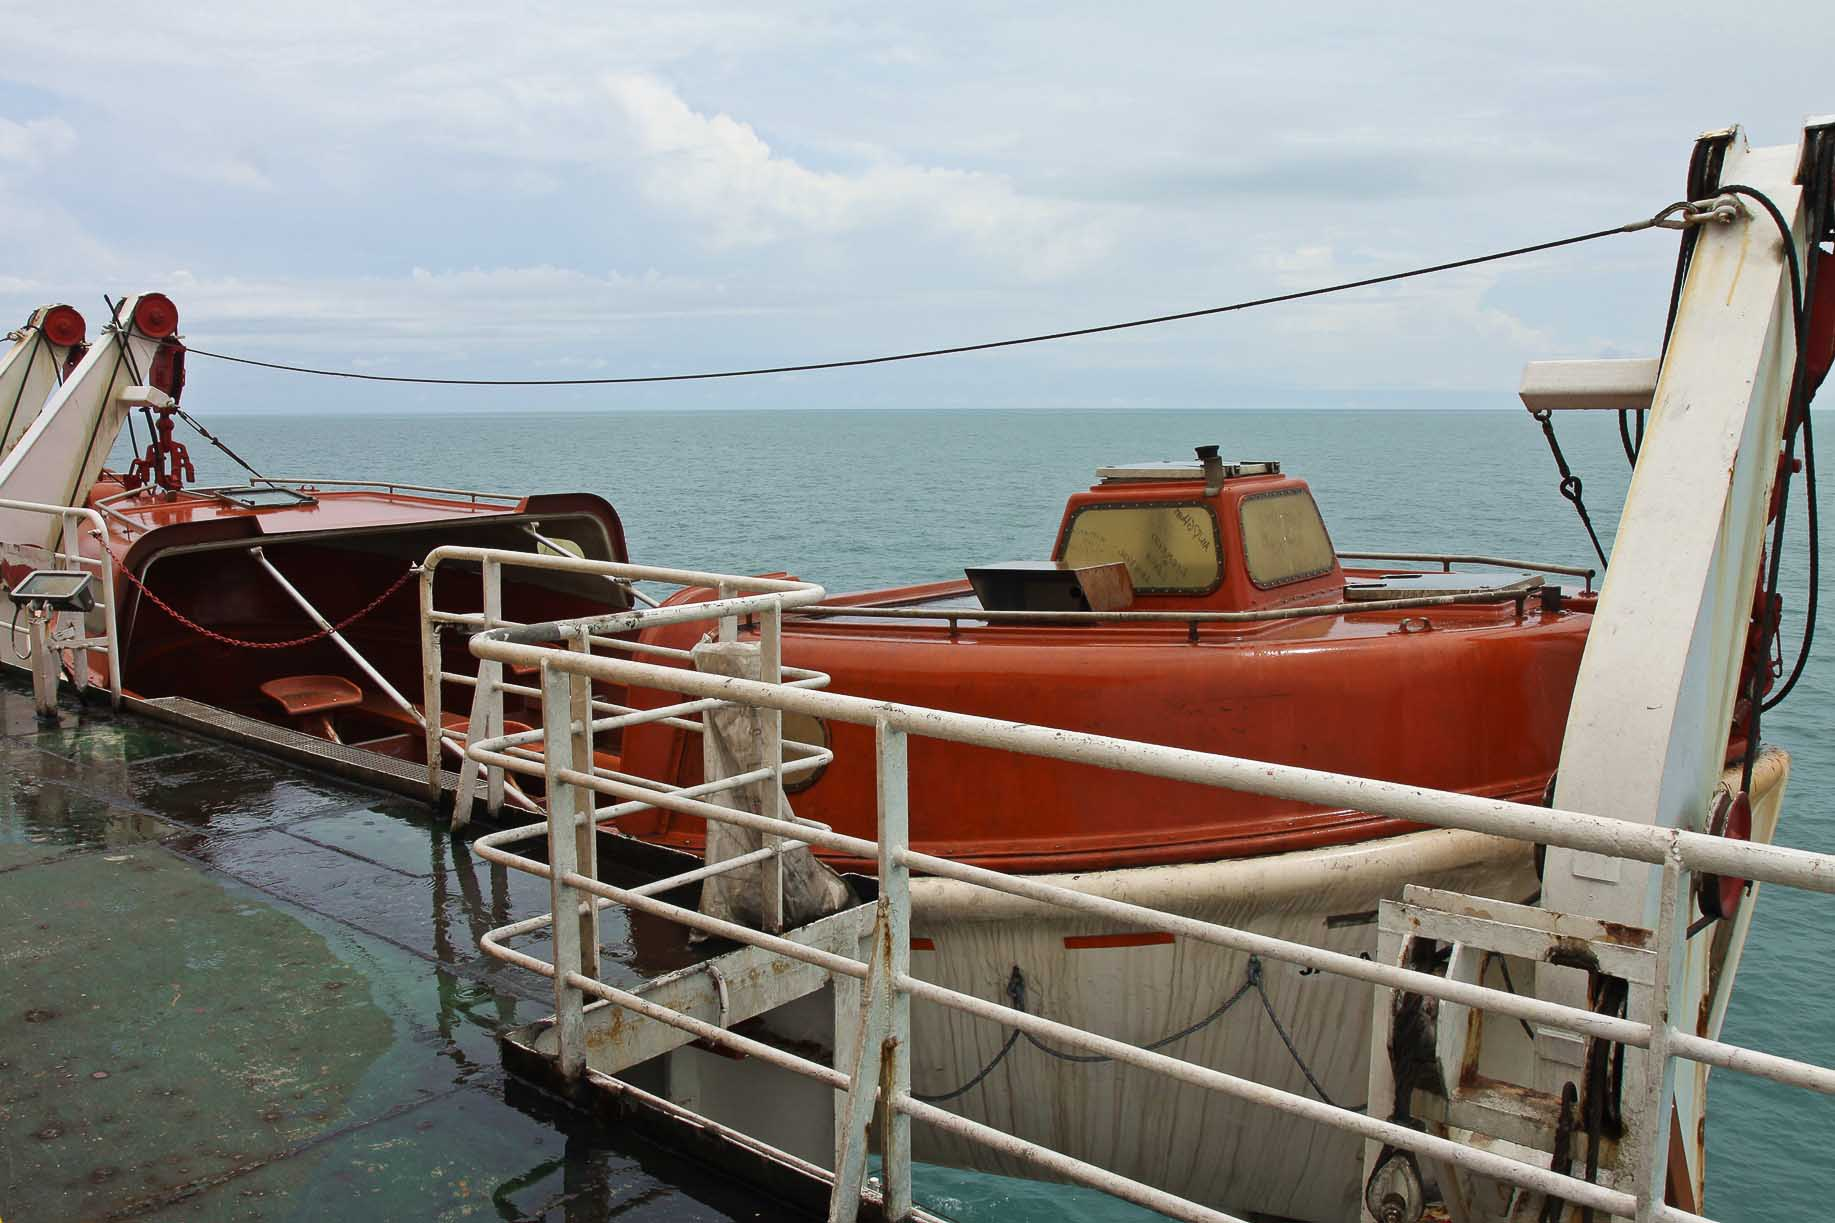 Rettungsboot aus Berliner Weltsichten